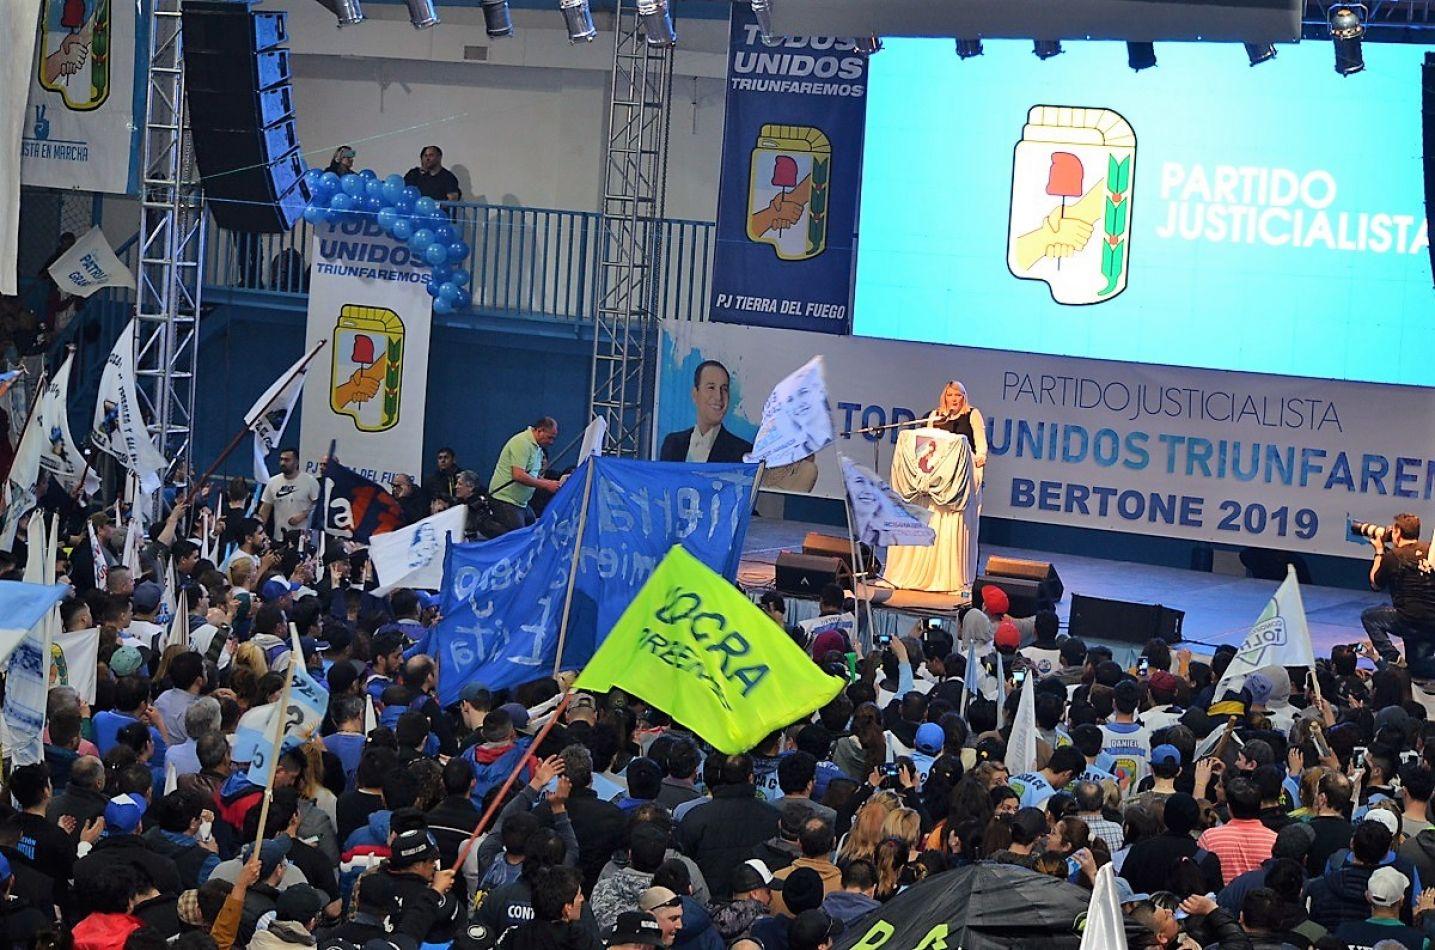 La gobernadora Rosana Bertone brindó el discurso oficial y fue ovacionada.